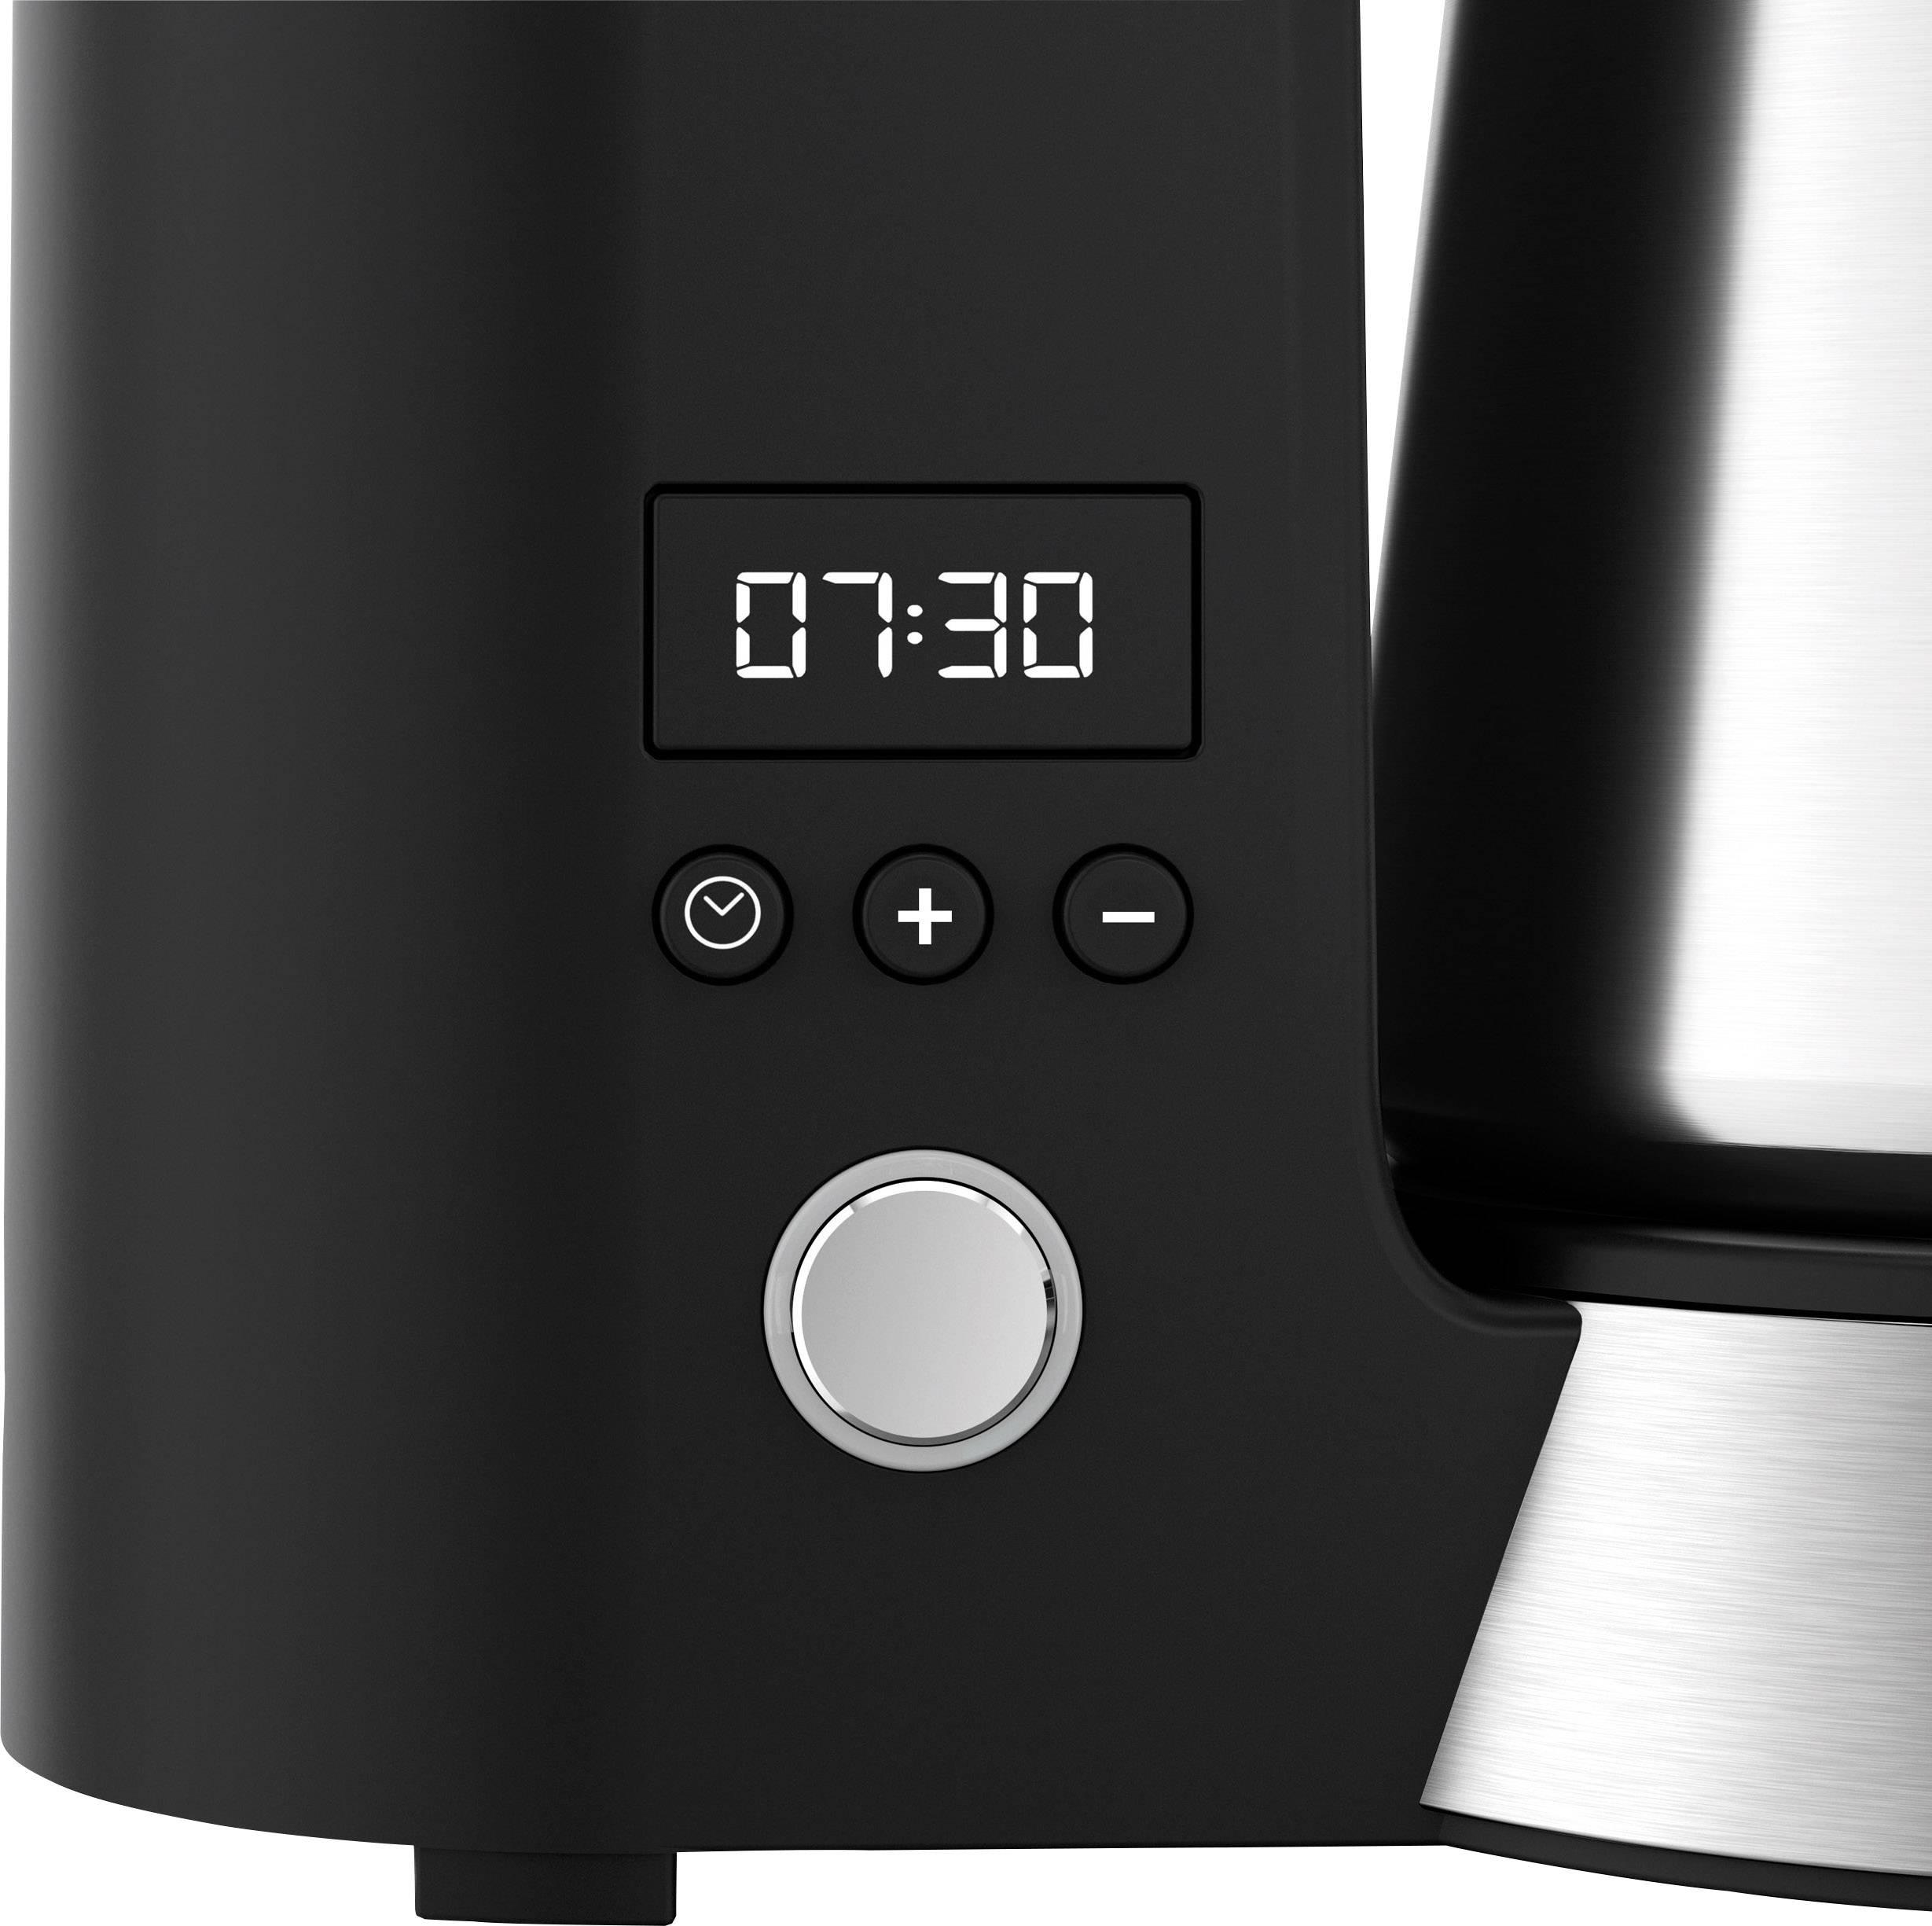 WMF KÜCHENminis® Aroma Thermo to go kavni aparat črna, srebrna  Kapaciteta skodelice=5